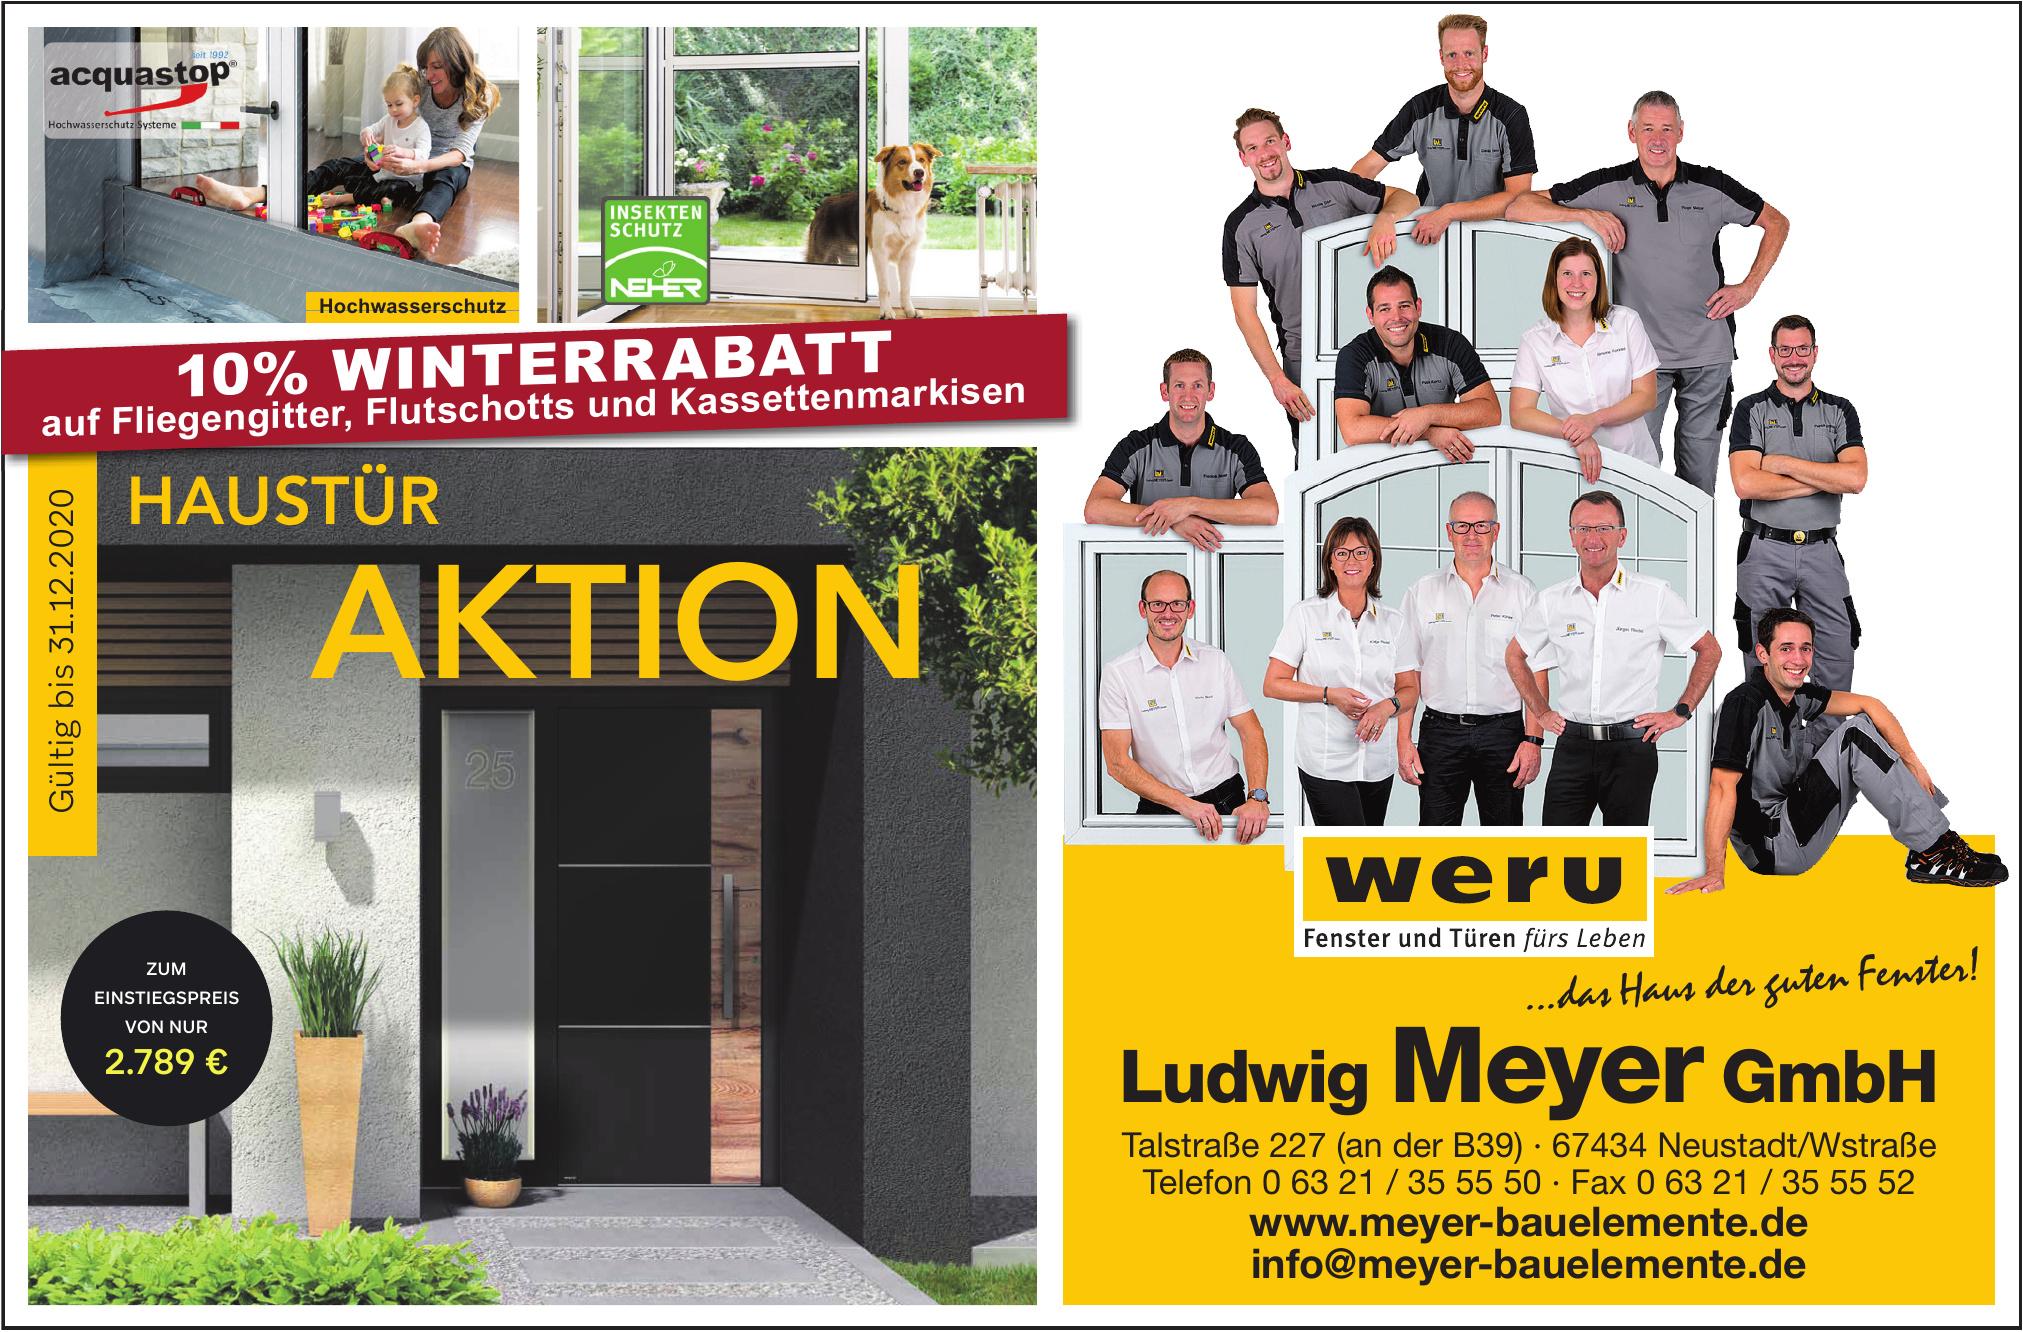 Ludwig Meyer GmbH